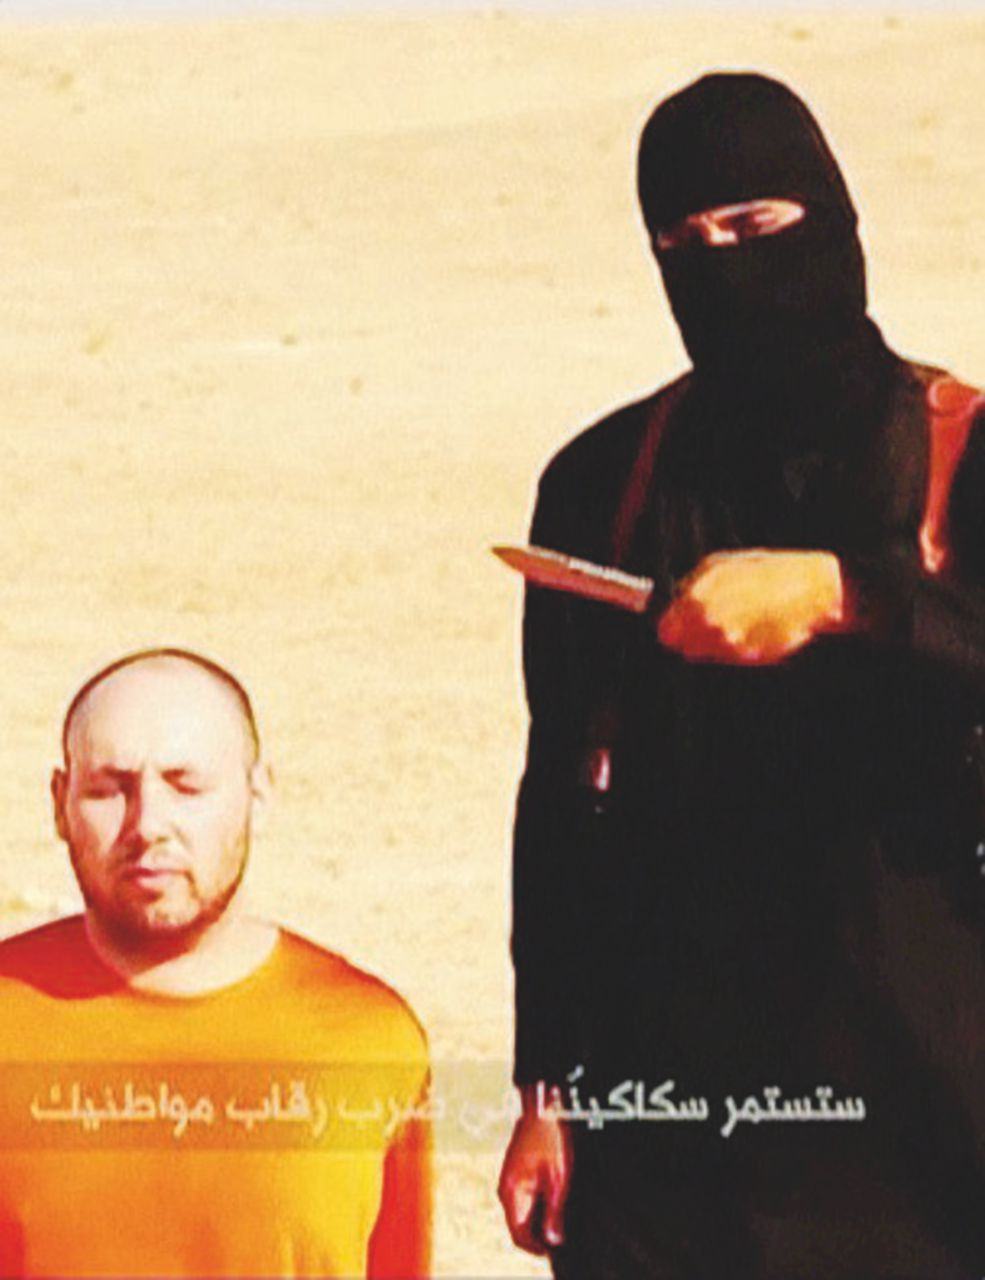 """La memoria del coltello: l'oggetto biblico simbolo di """"Jihadi John"""""""